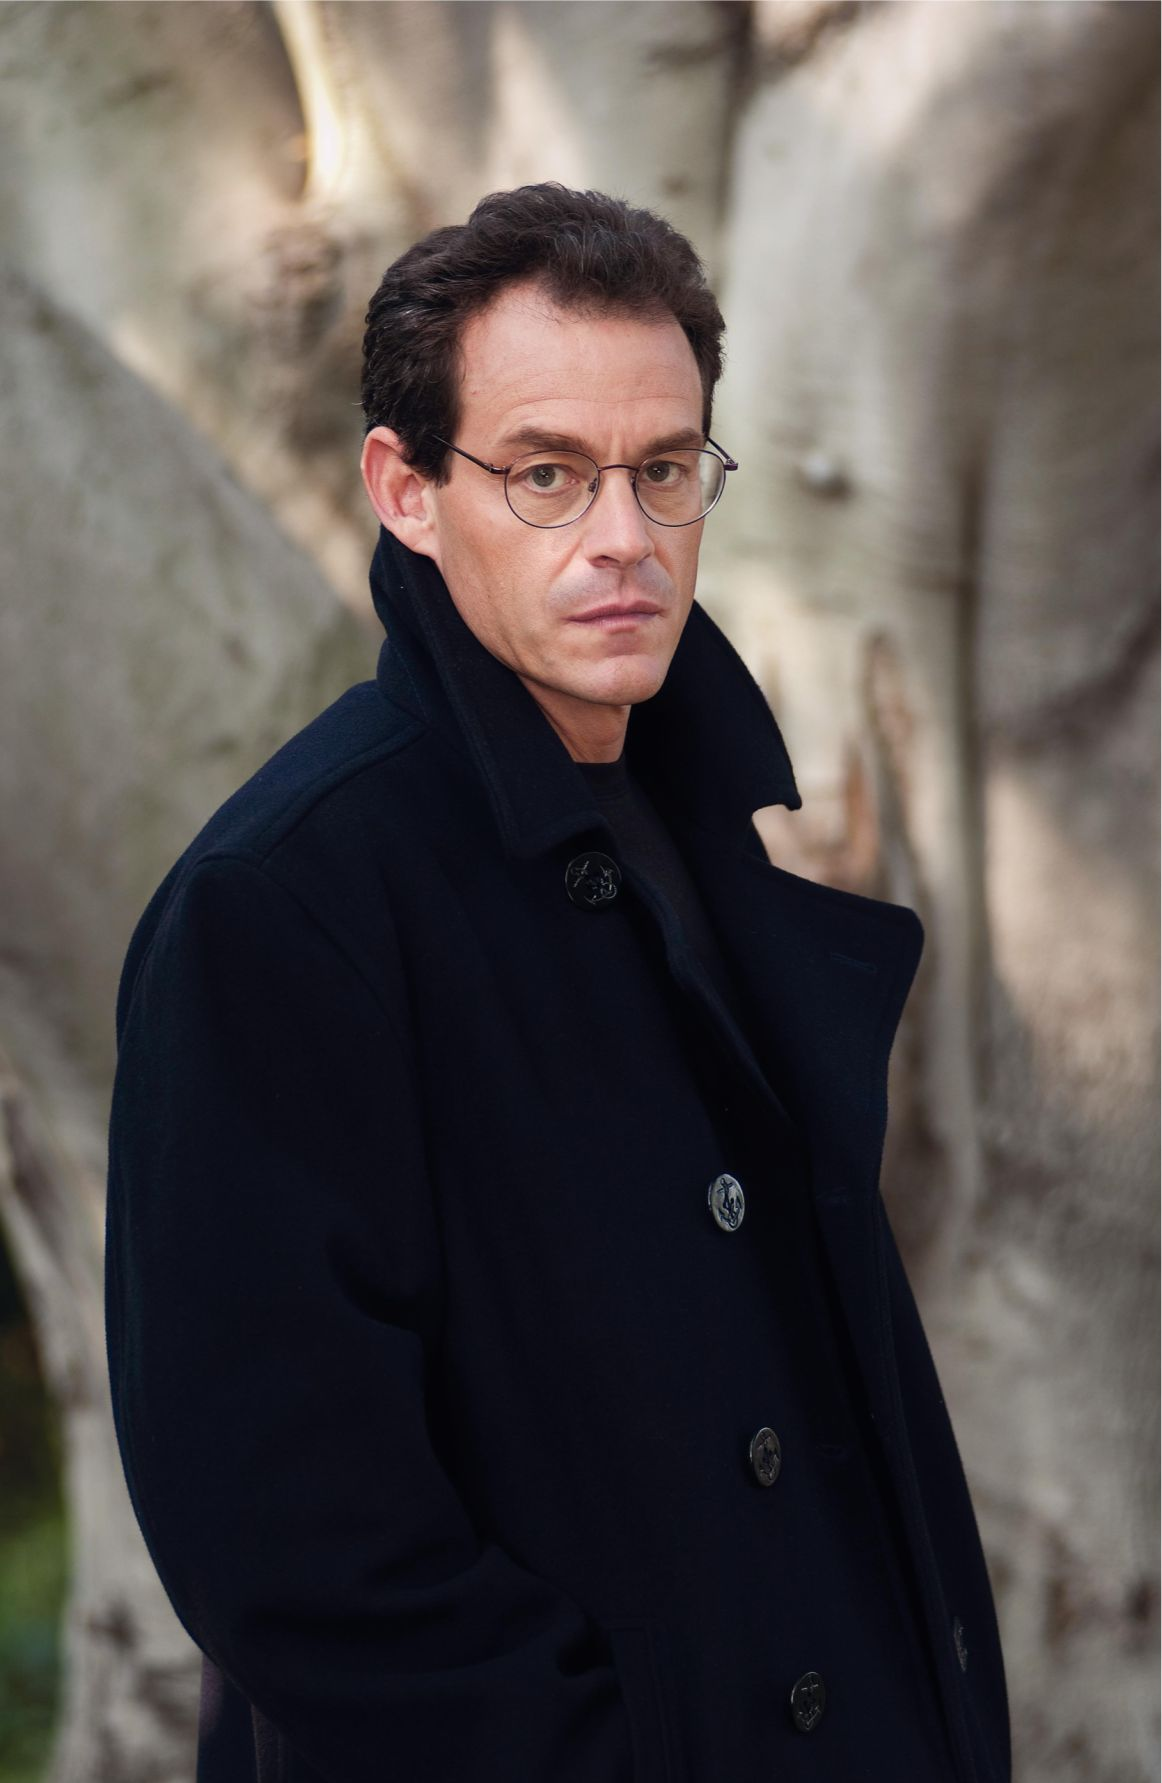 Author Daniel Silva